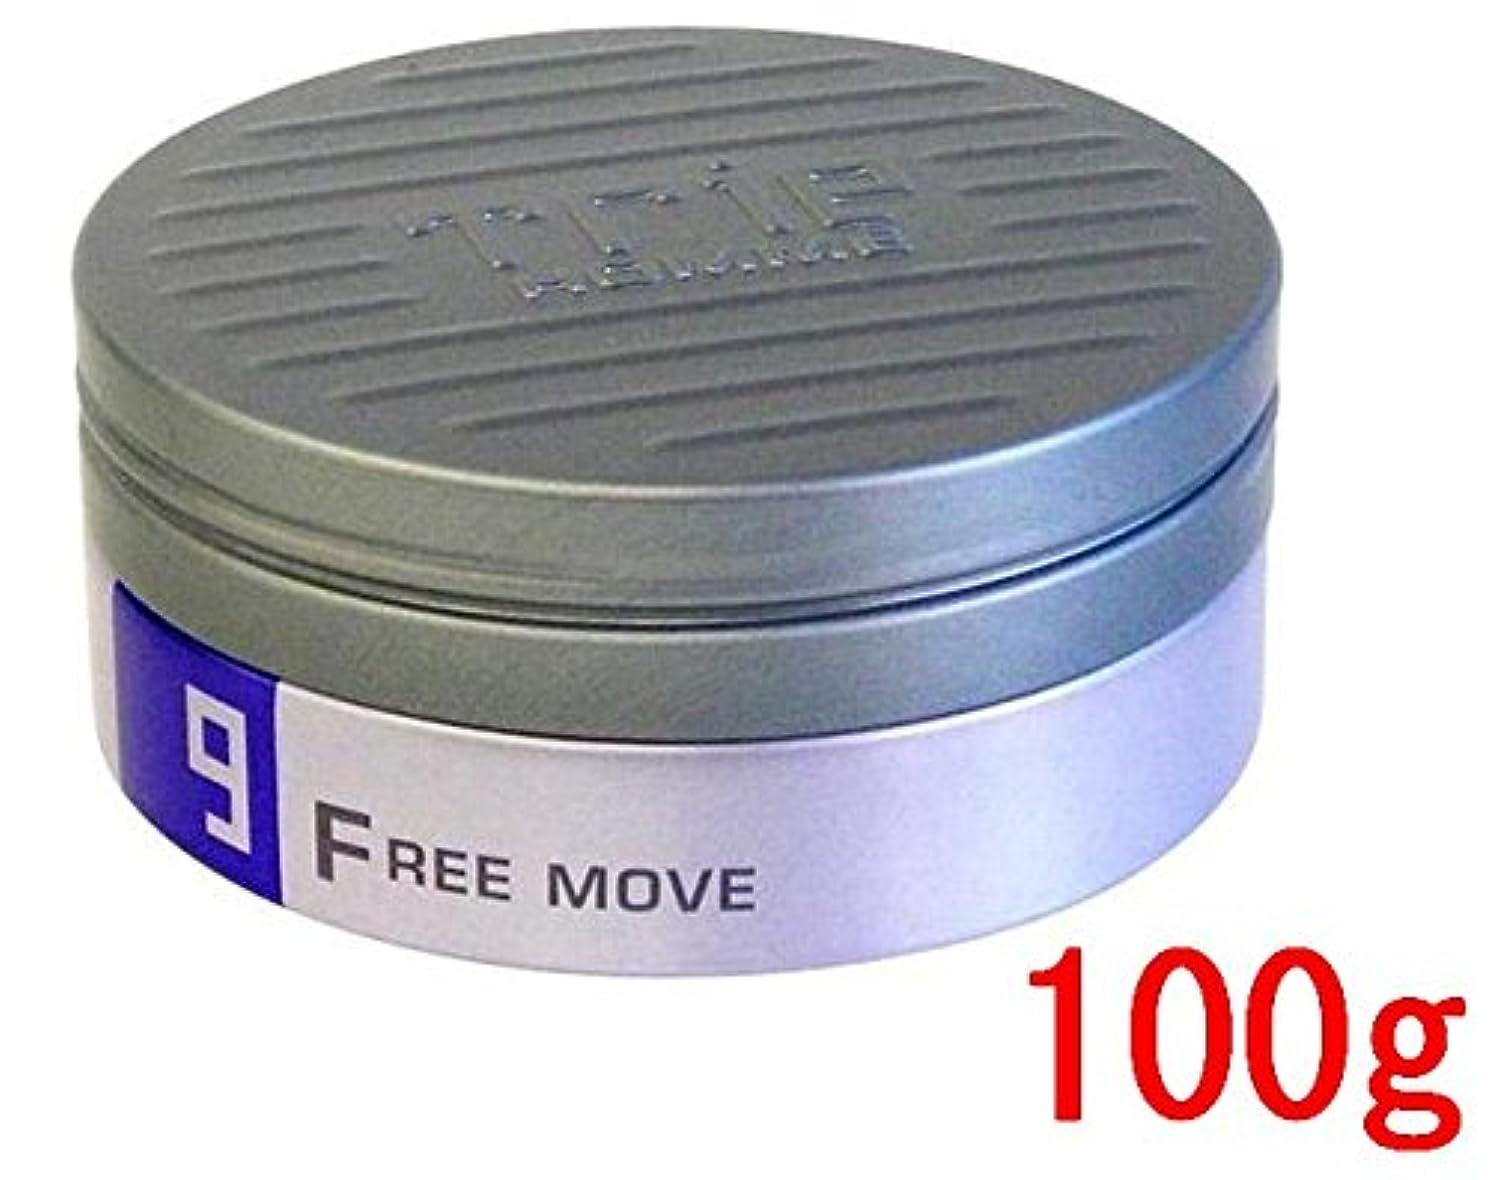 原子ウェイドカメラルベル トリエオム フリームーブ9 100g